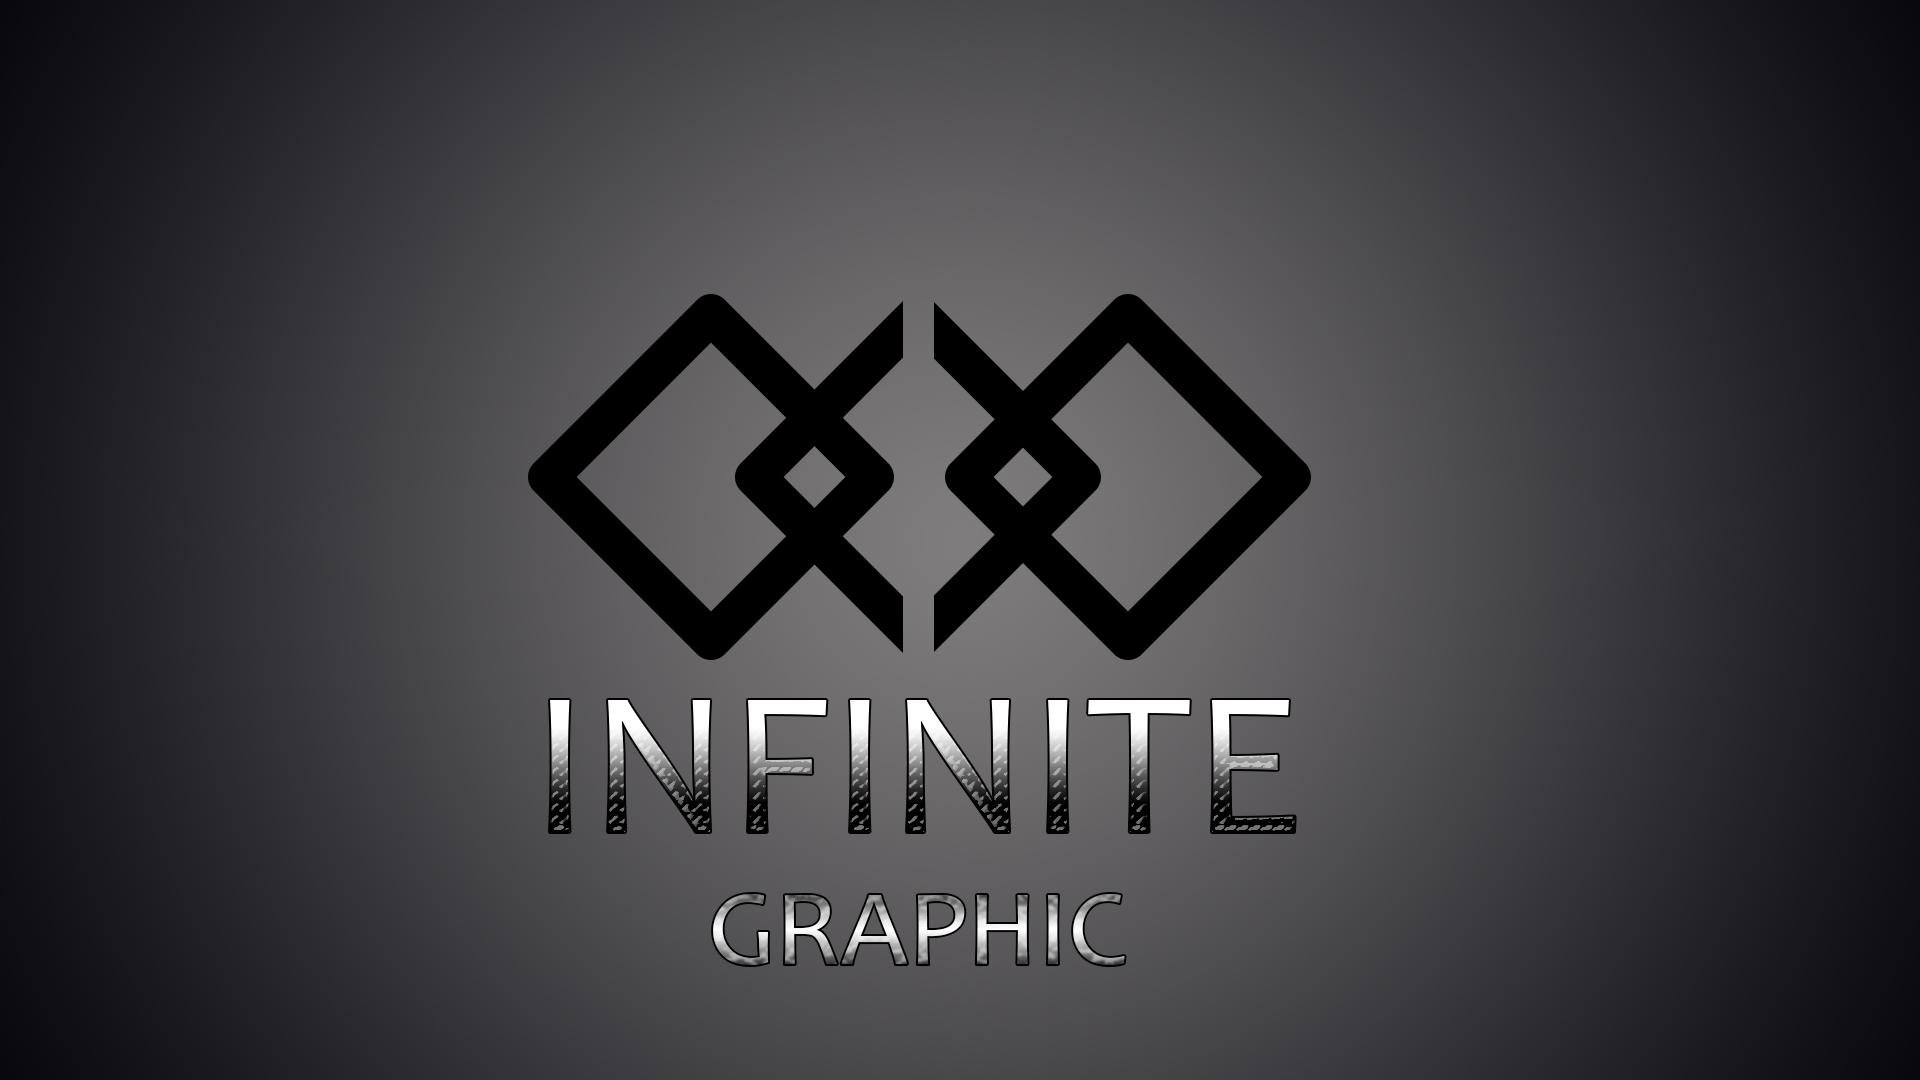 infinite graphic design